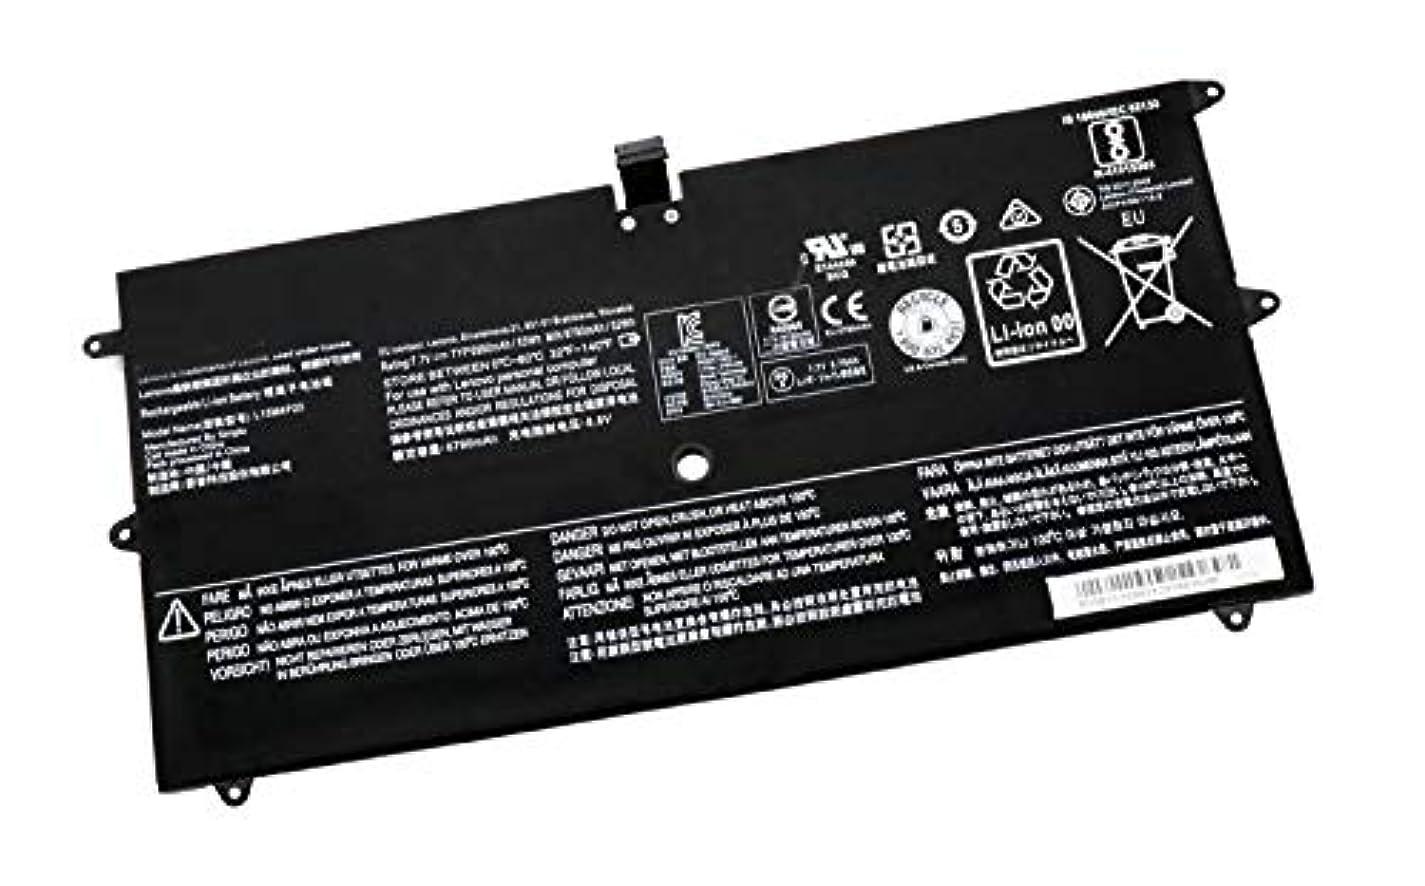 甥俳優ラックYOGA 4S 900S 900S-12ISK L15M4P20 互換用 バッテリー